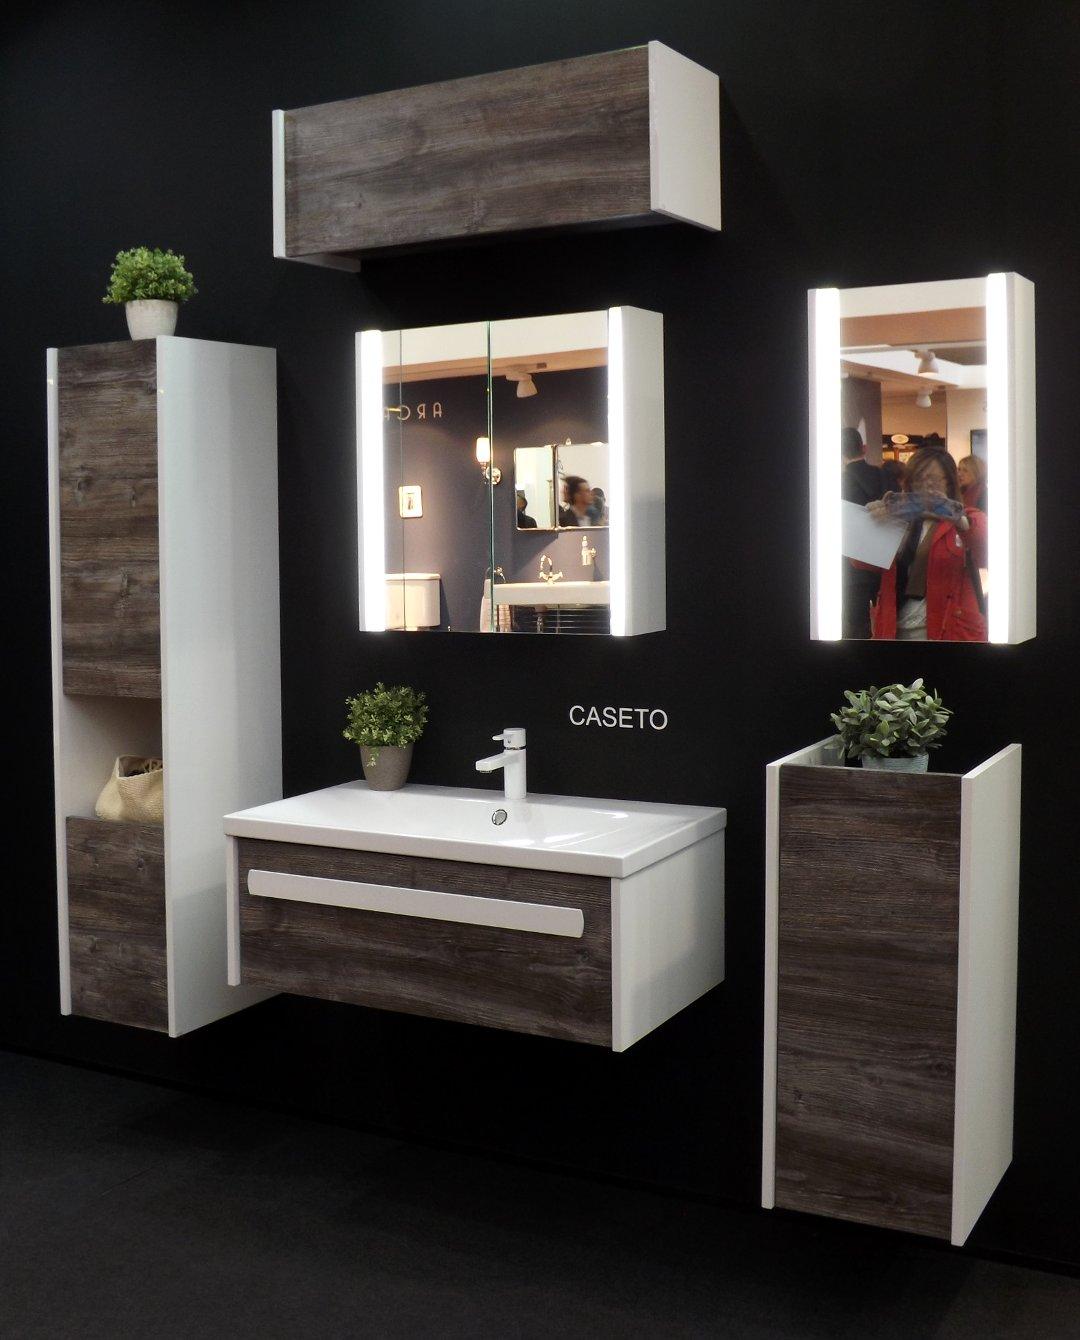 Мебель с раковиной и зеркало с подсветкой для ванной комнаты, представленные на выставке MosBuild 2017 в Москве. Вариант Б